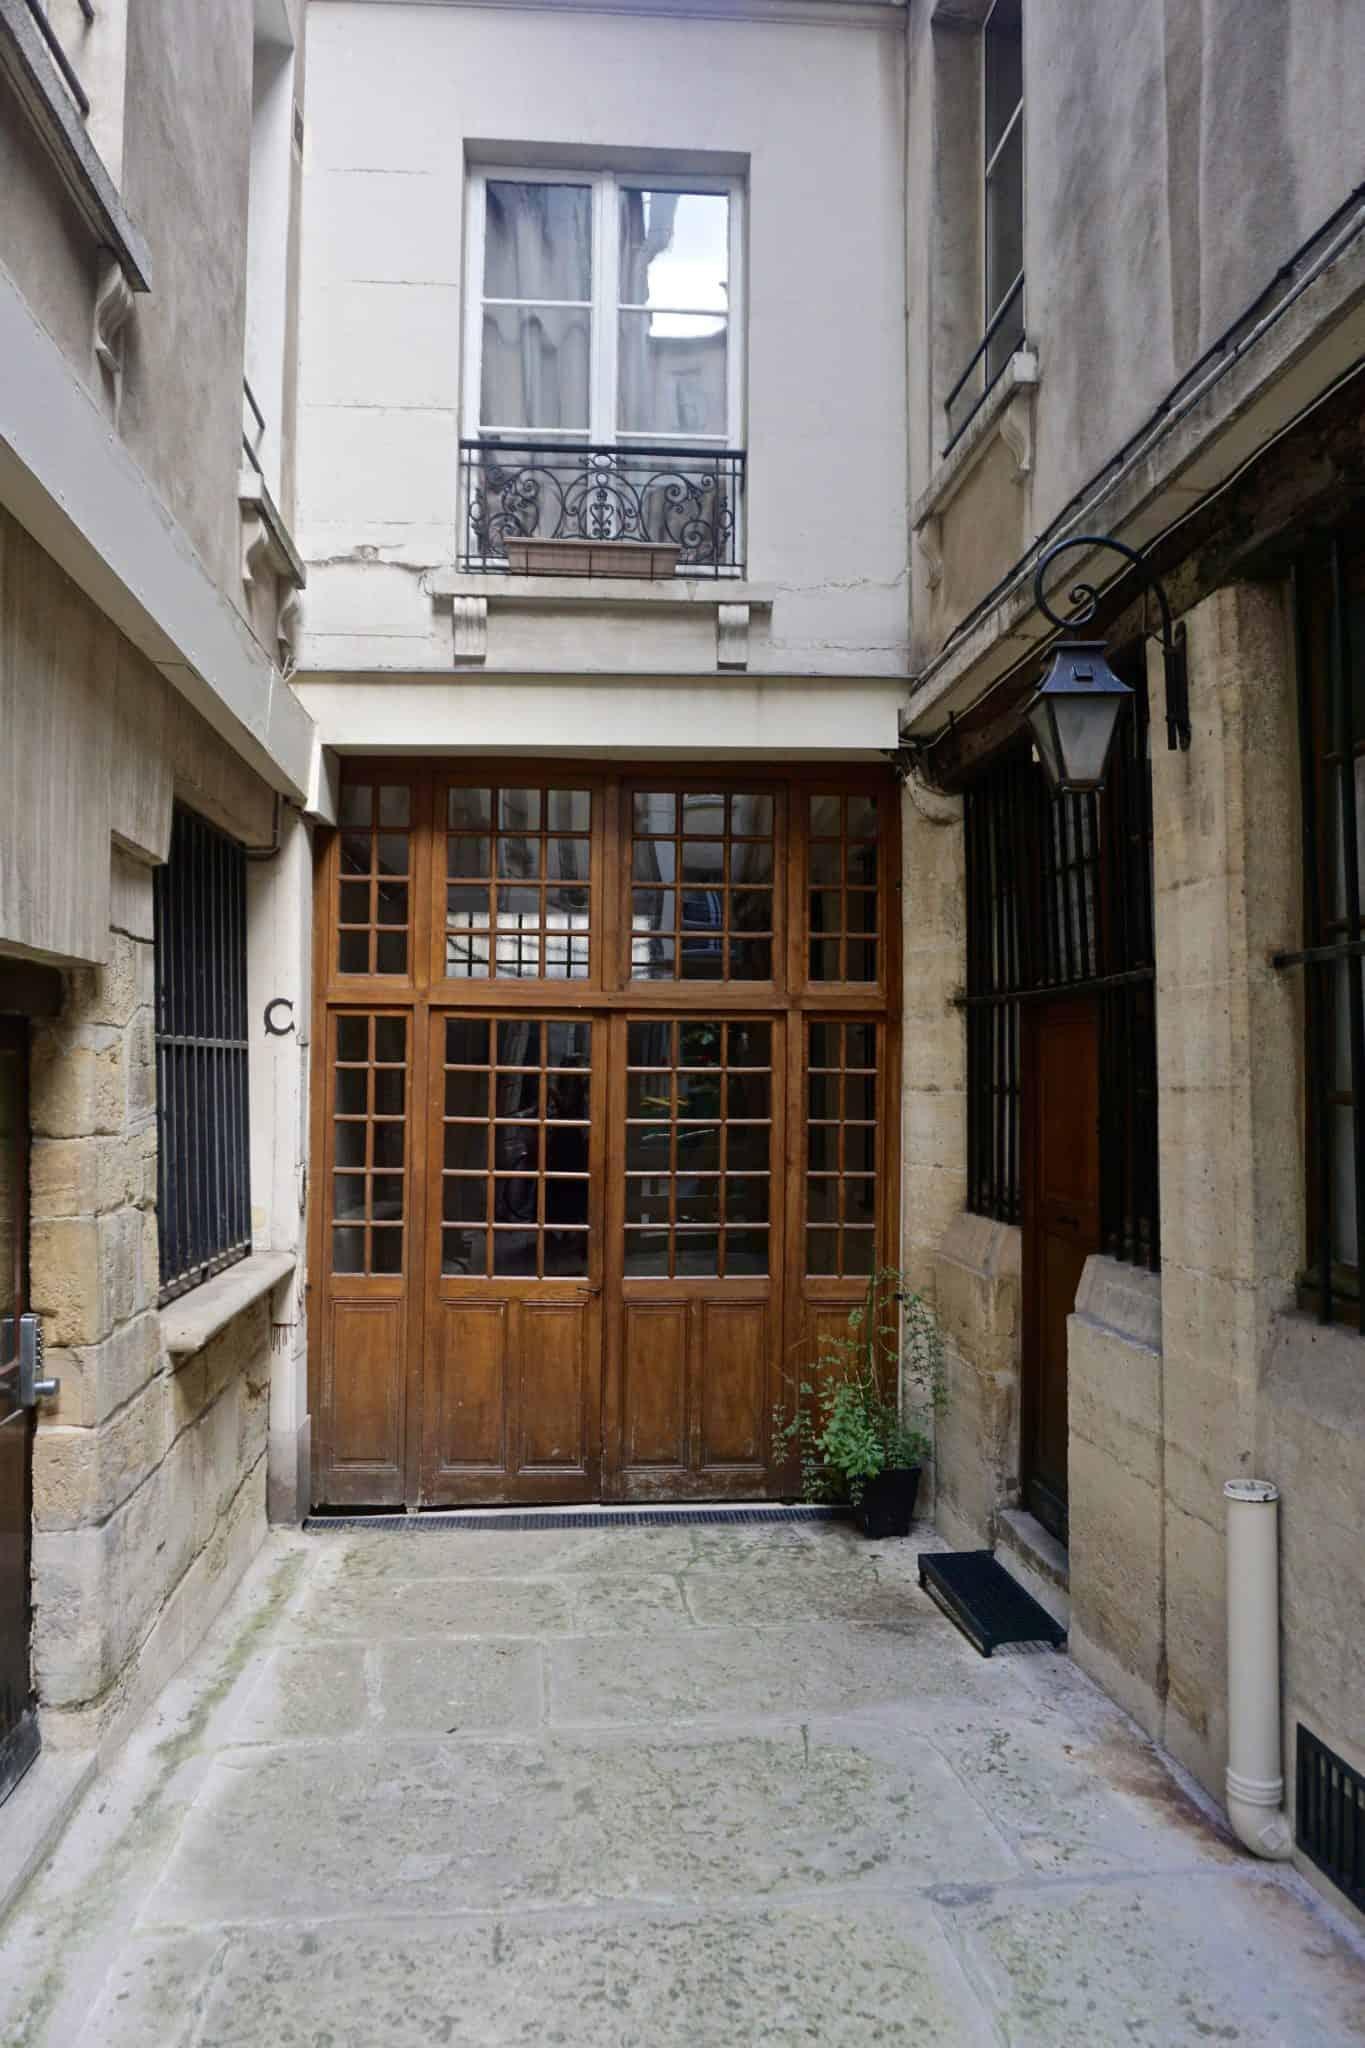 gravestone courtyard in paris